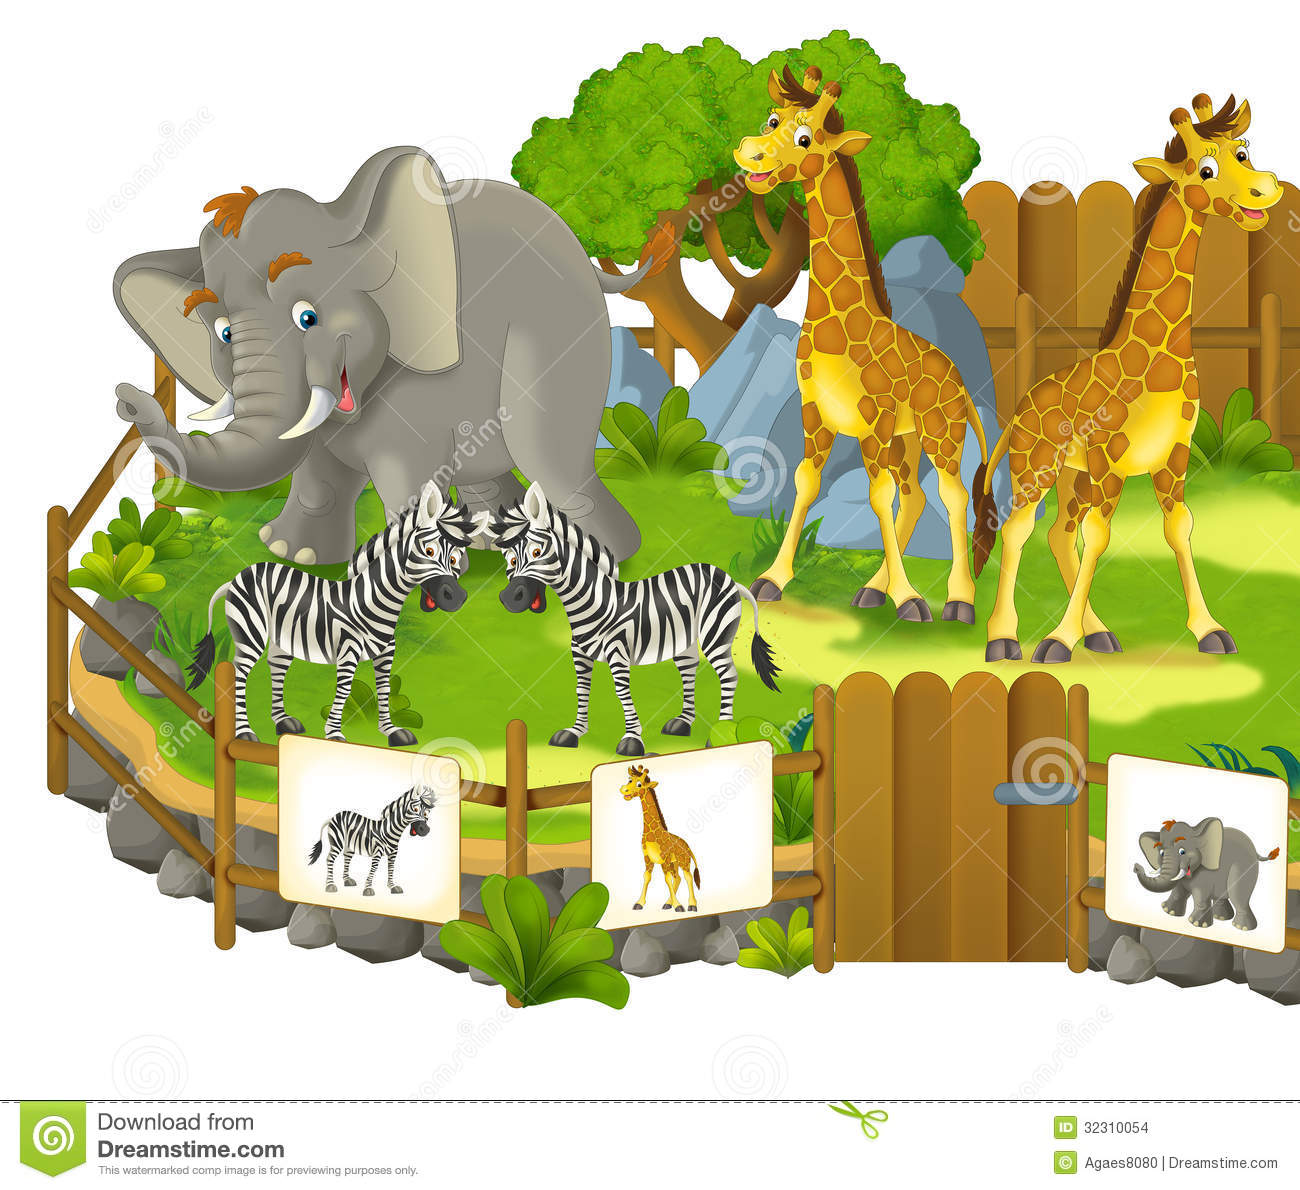 zoo clip art borders clipart panda free clipart images zoo clip art no color zoo clip art workship